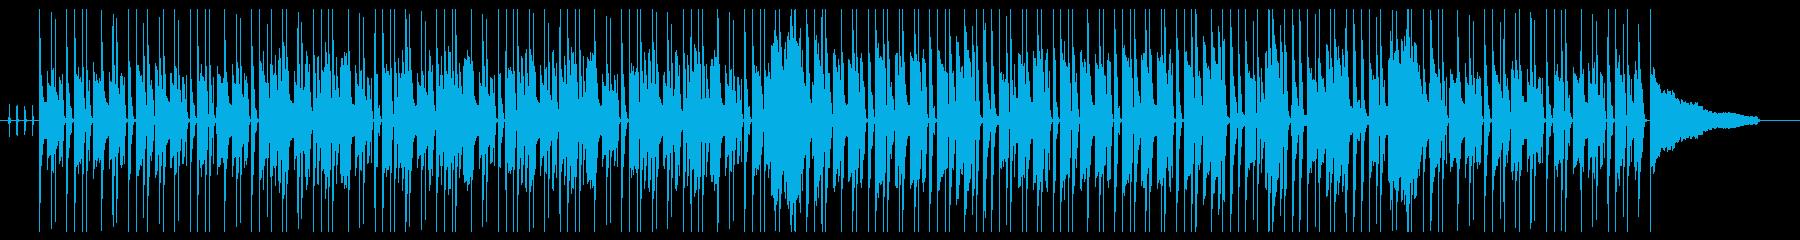 柔らかく暖かいエレピのボサノバ風の再生済みの波形